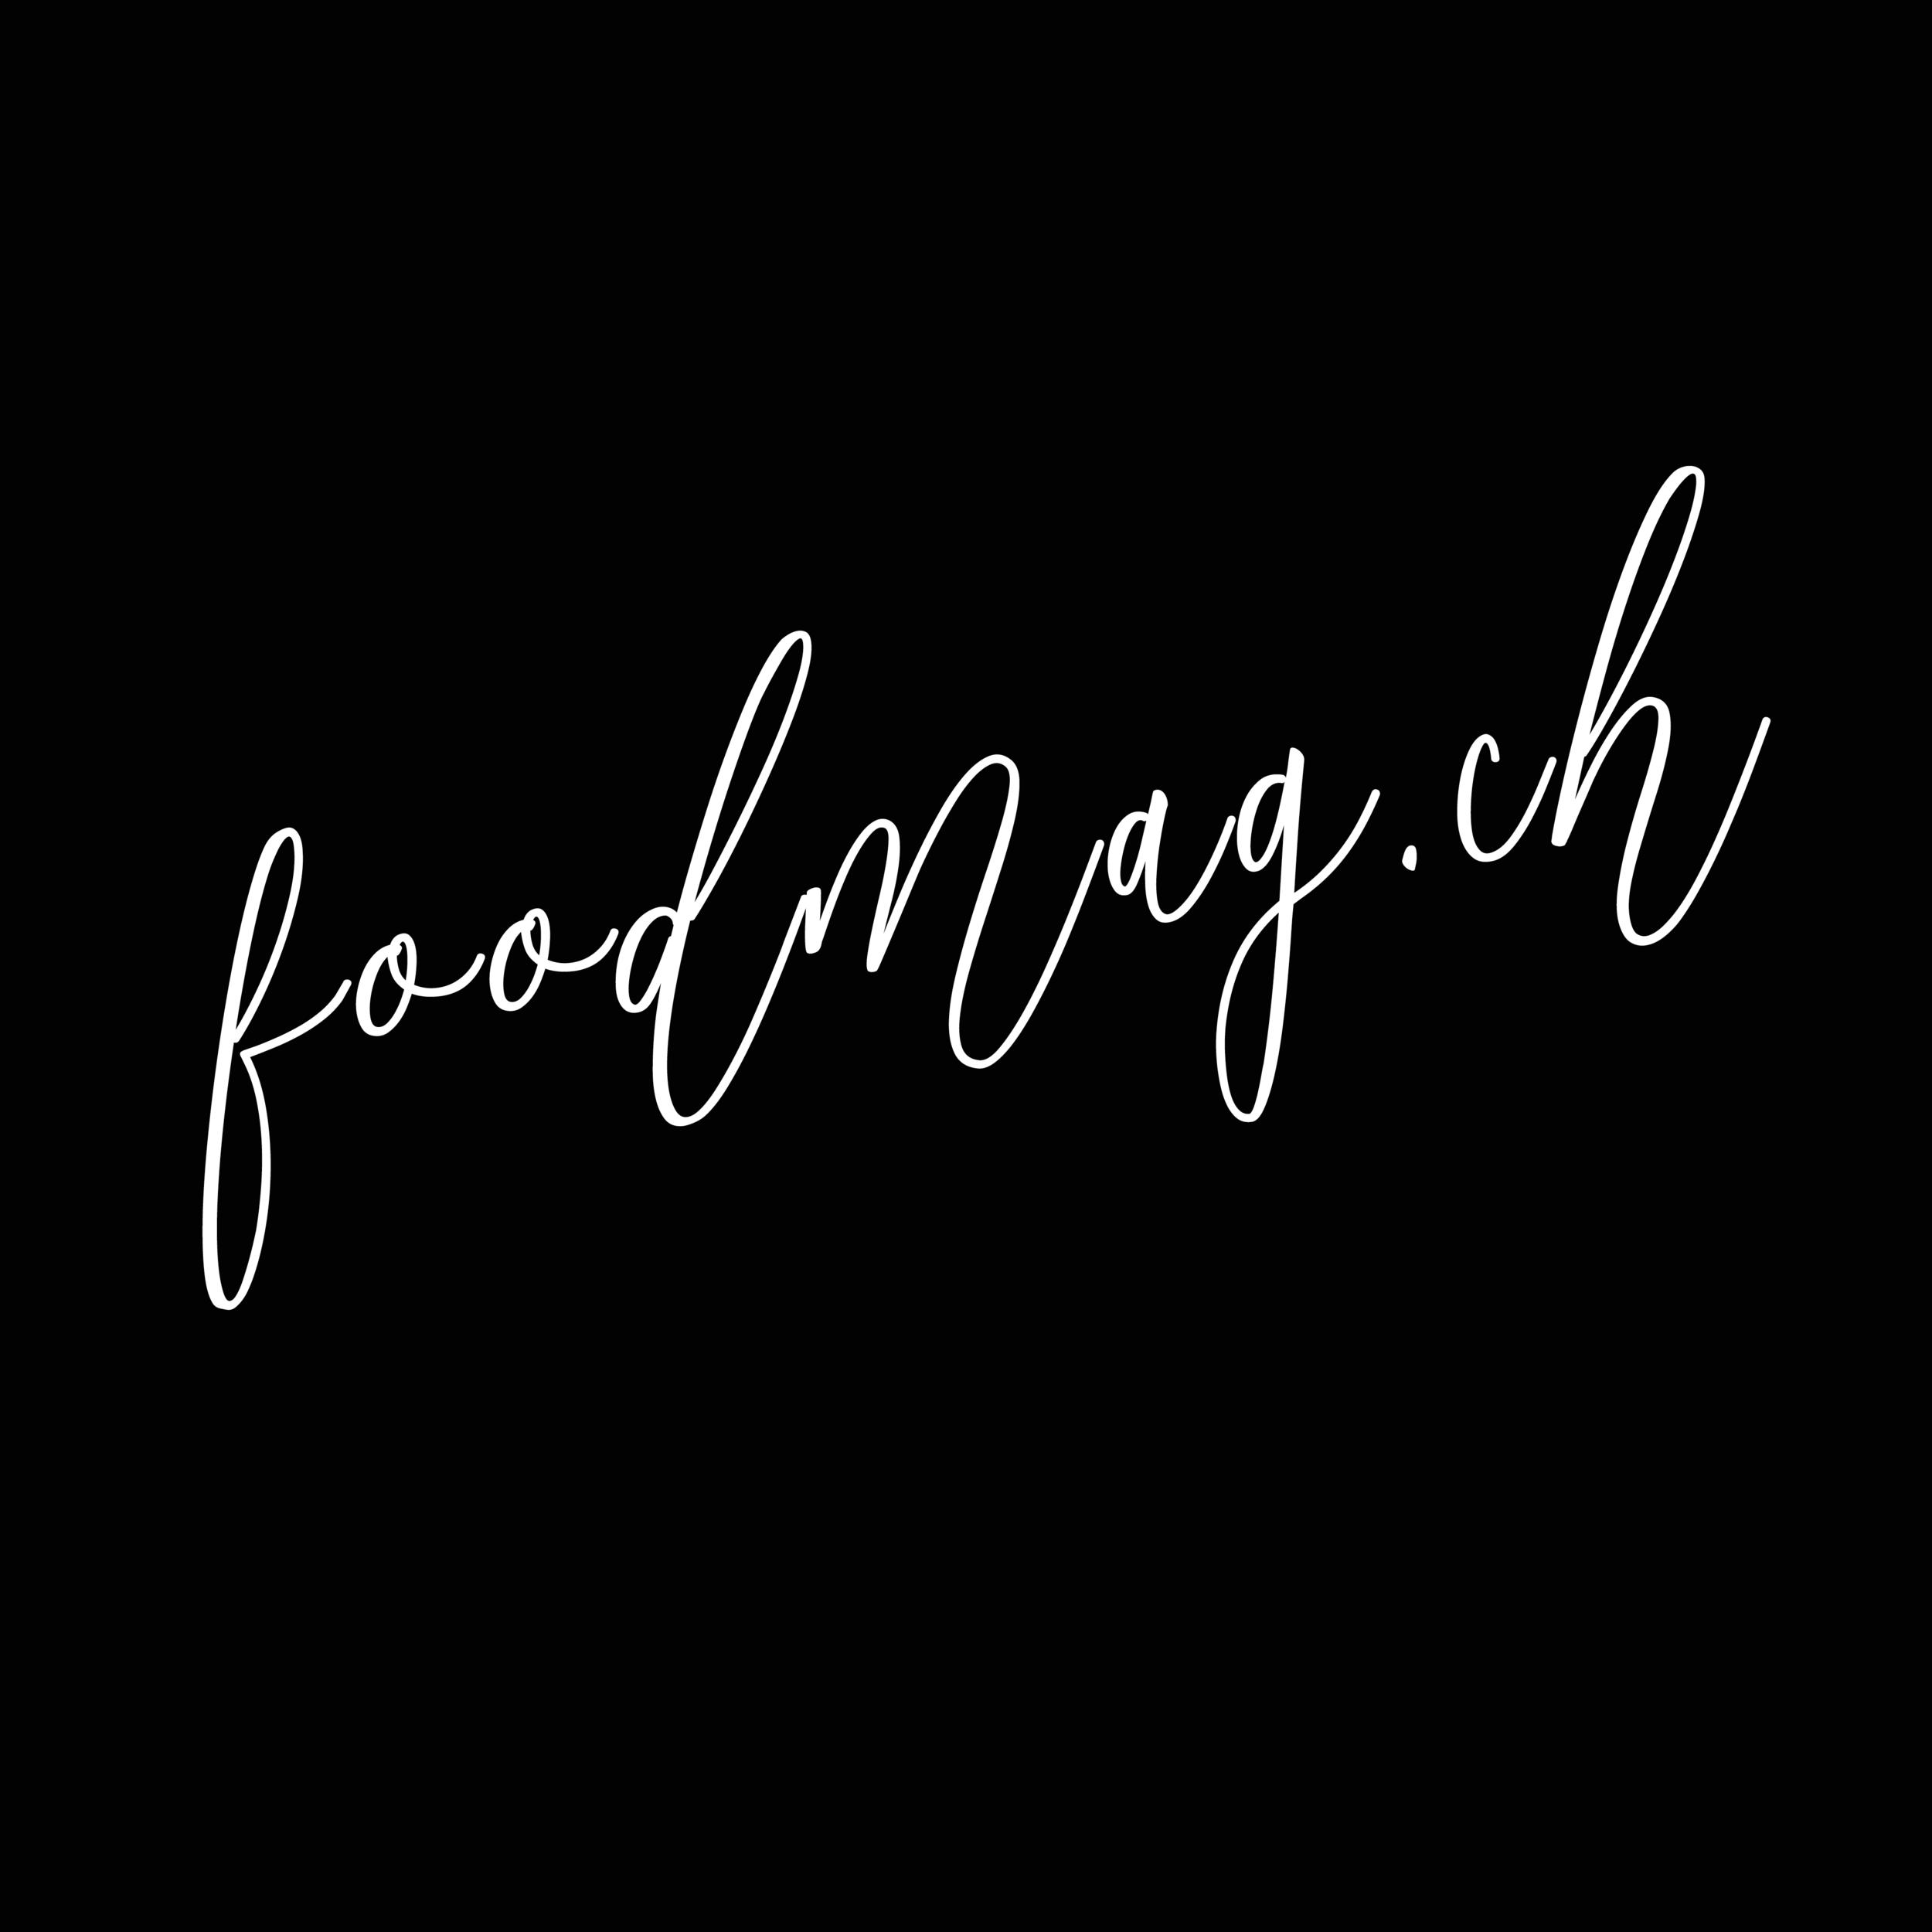 sponsored posts - Hast du ein Produkt, eine Dienstleistung oder ein Restaurant, das du gerne auf foodmag.ch präsentieren möchtest? Melde dich - gerne senden wir dir die Konditionen via Mail.